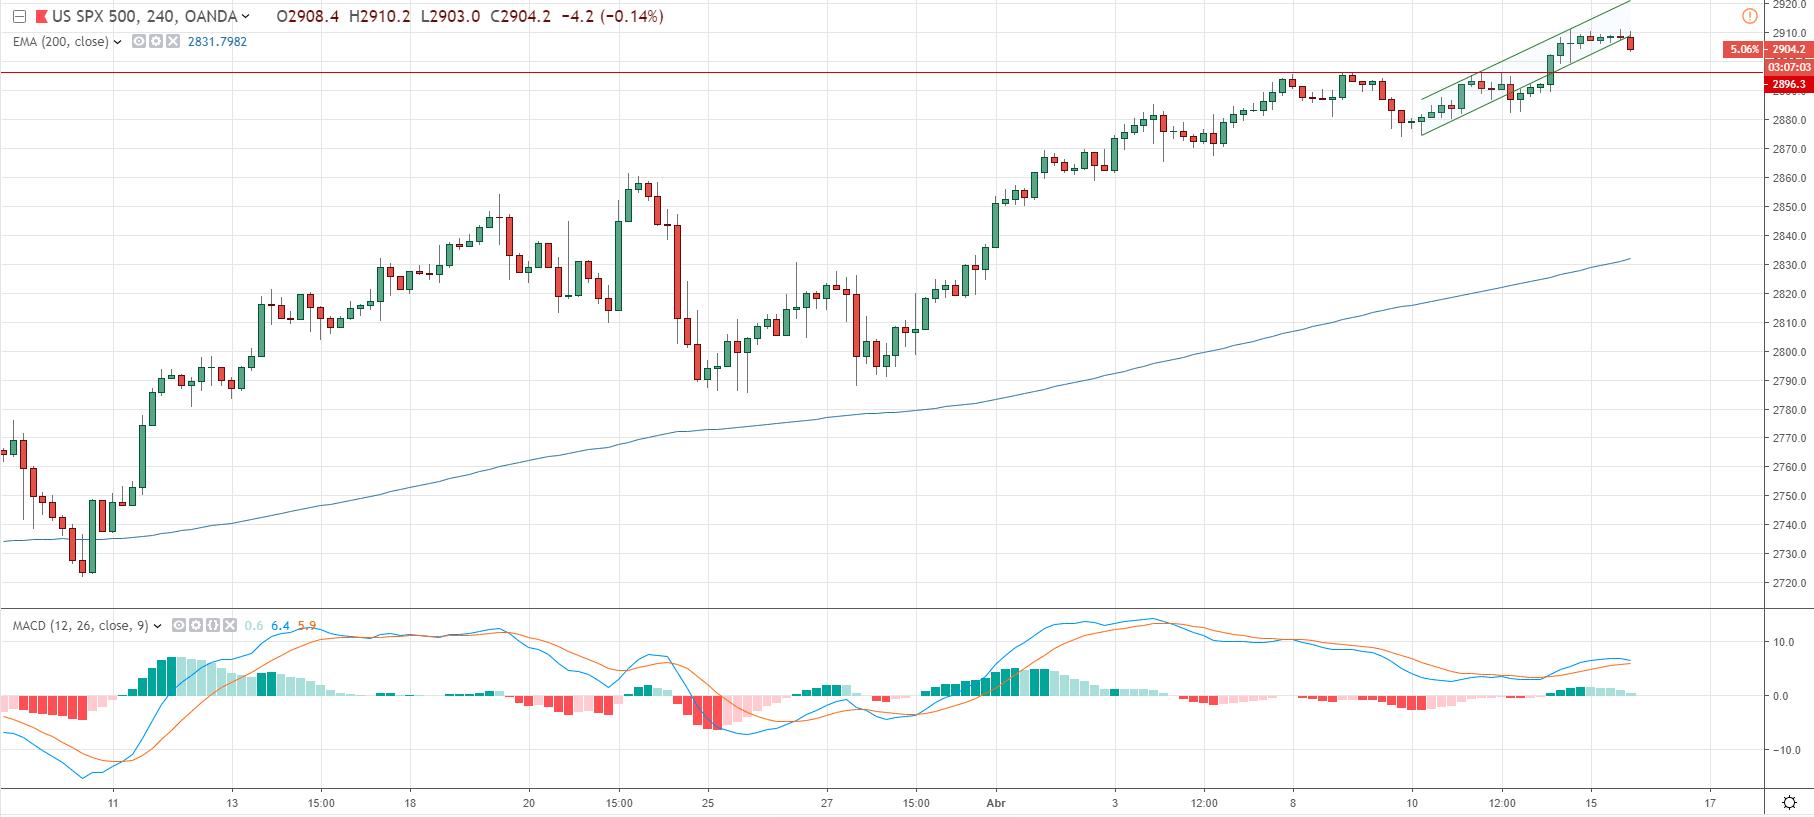 Cotización del indice sp500.